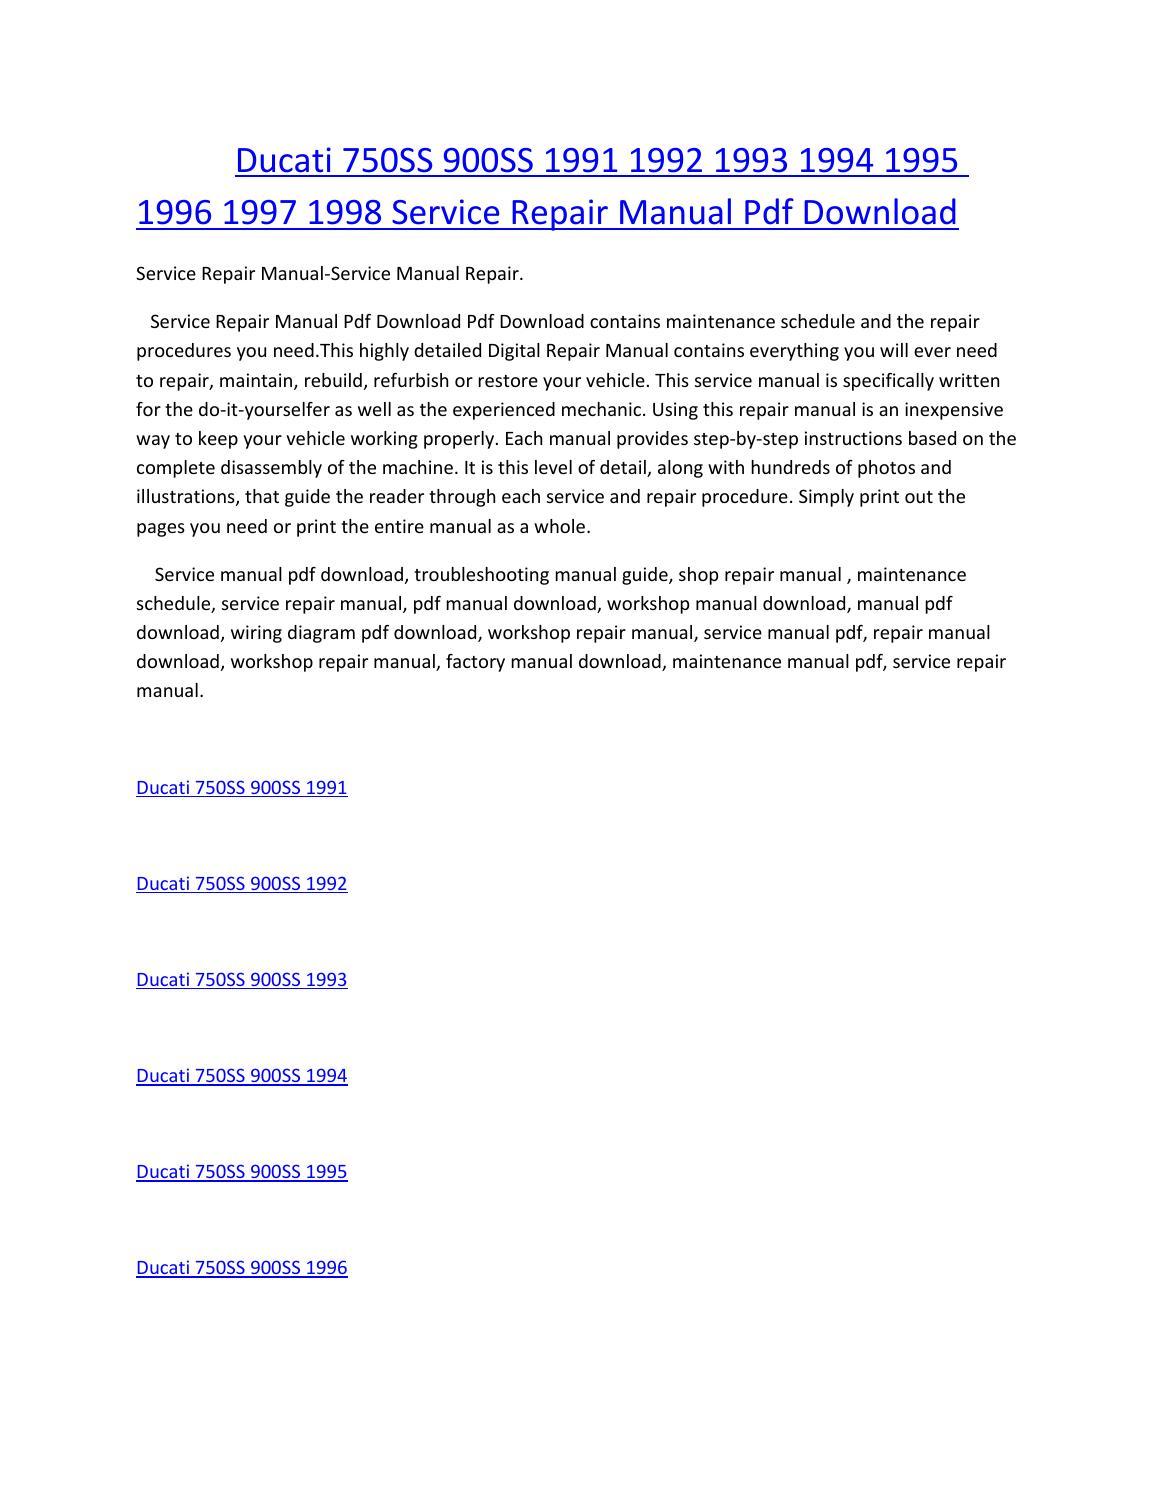 ducati 750ss 900ss 1991 1992 1993 1994 1995 1996 1997 1998 service manual  repair pdf download